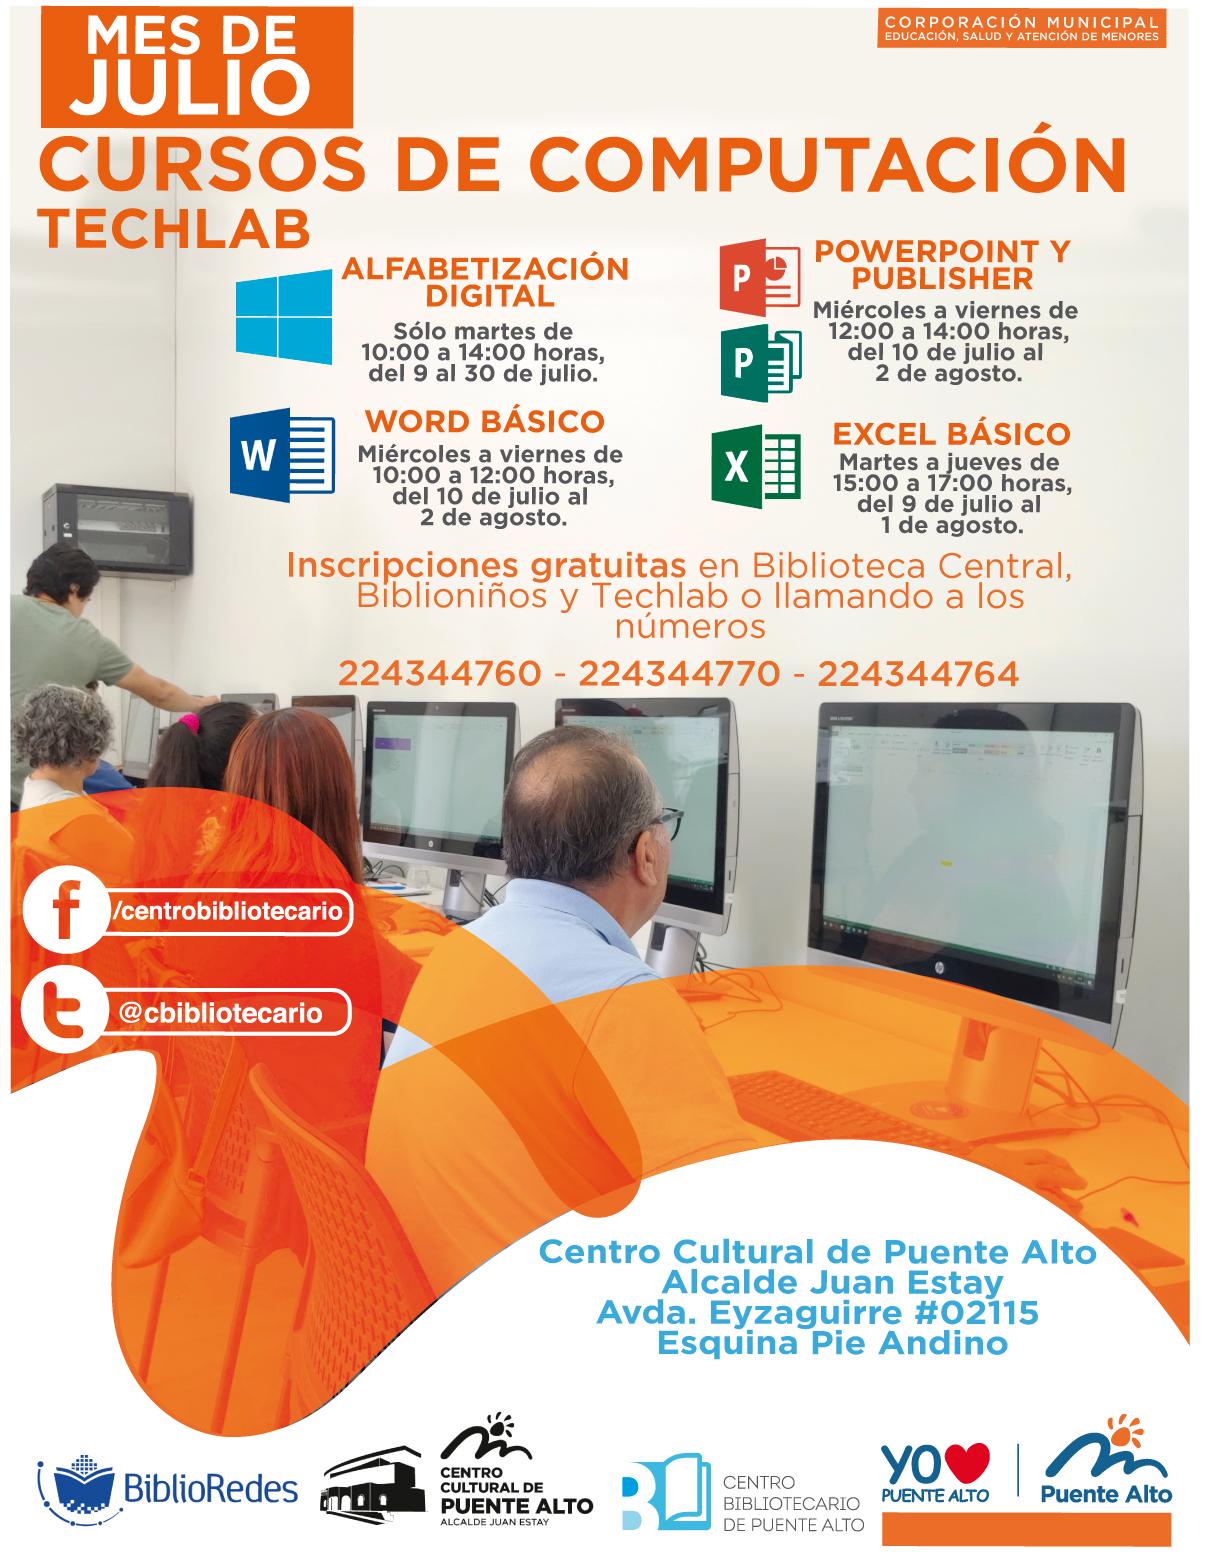 Cursos de Computación TechLab Julio | Centro Cultural de Puente Alto